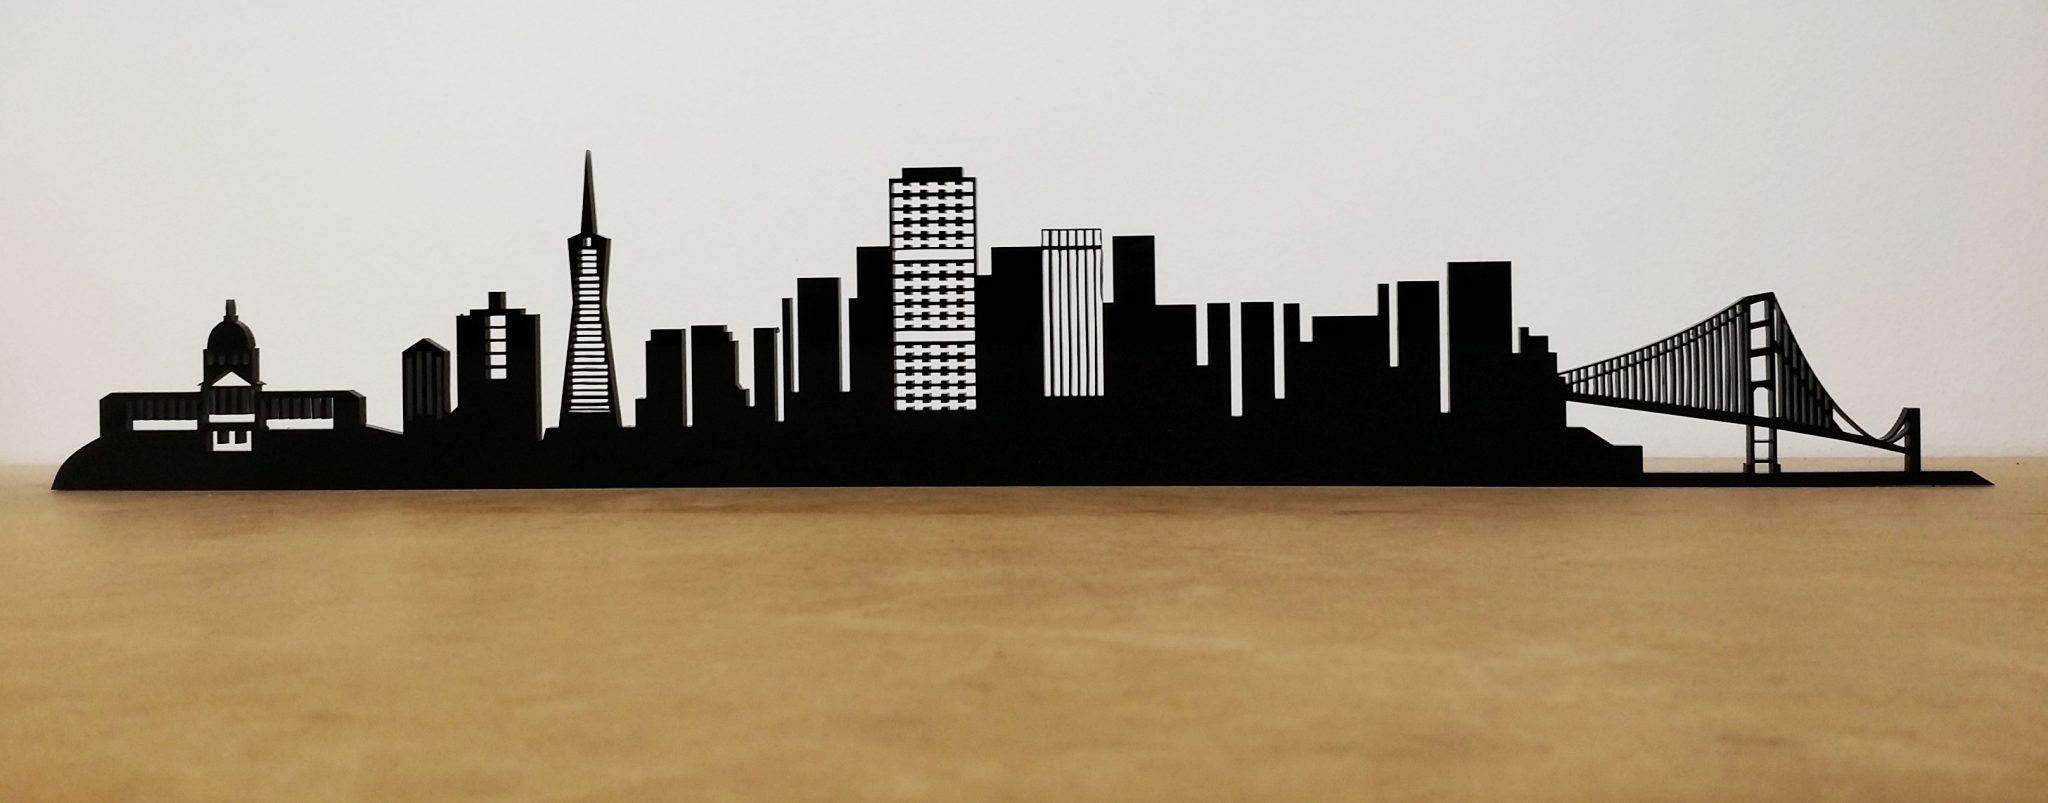 corte láser metacrilato skyline